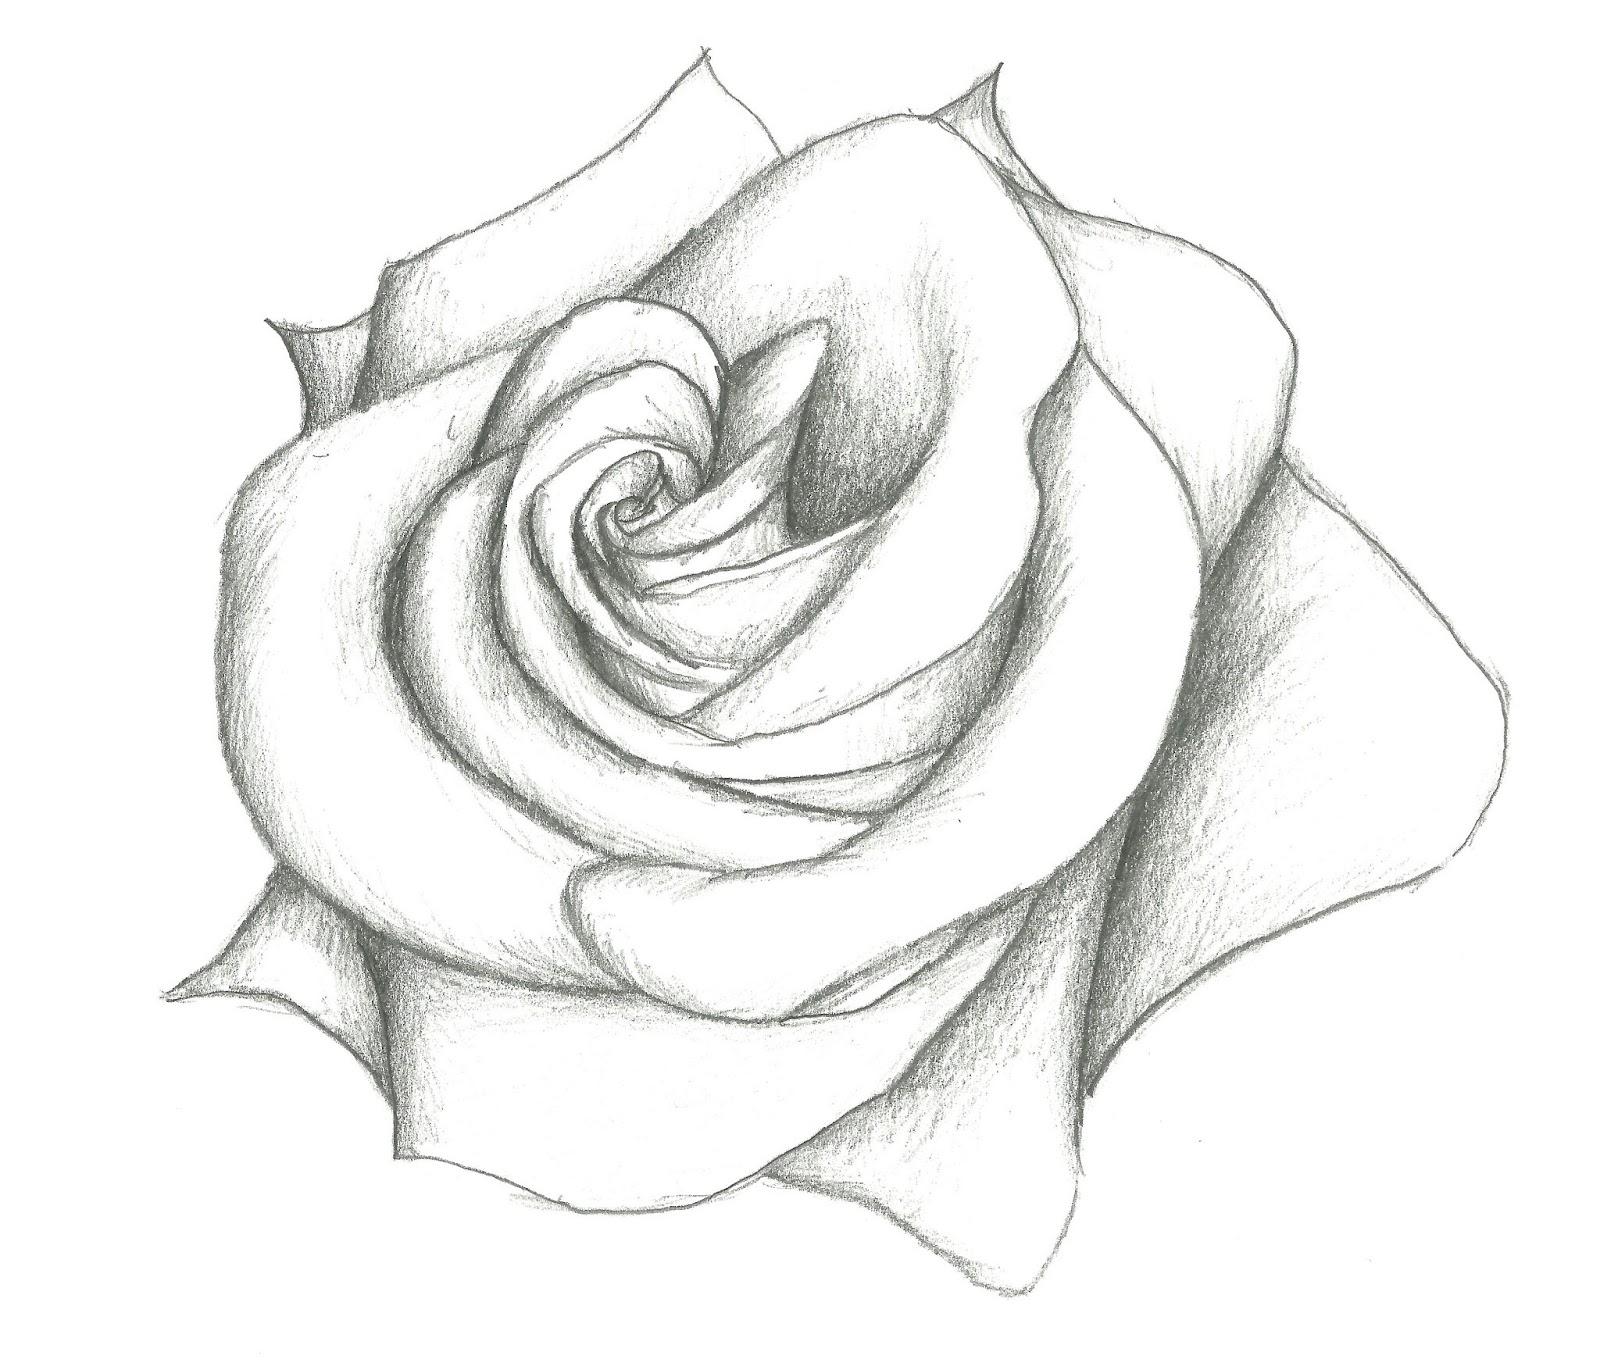 1600x1370 Rose Flower Drawings In Pencil Rose Flower Drawings In Pencil